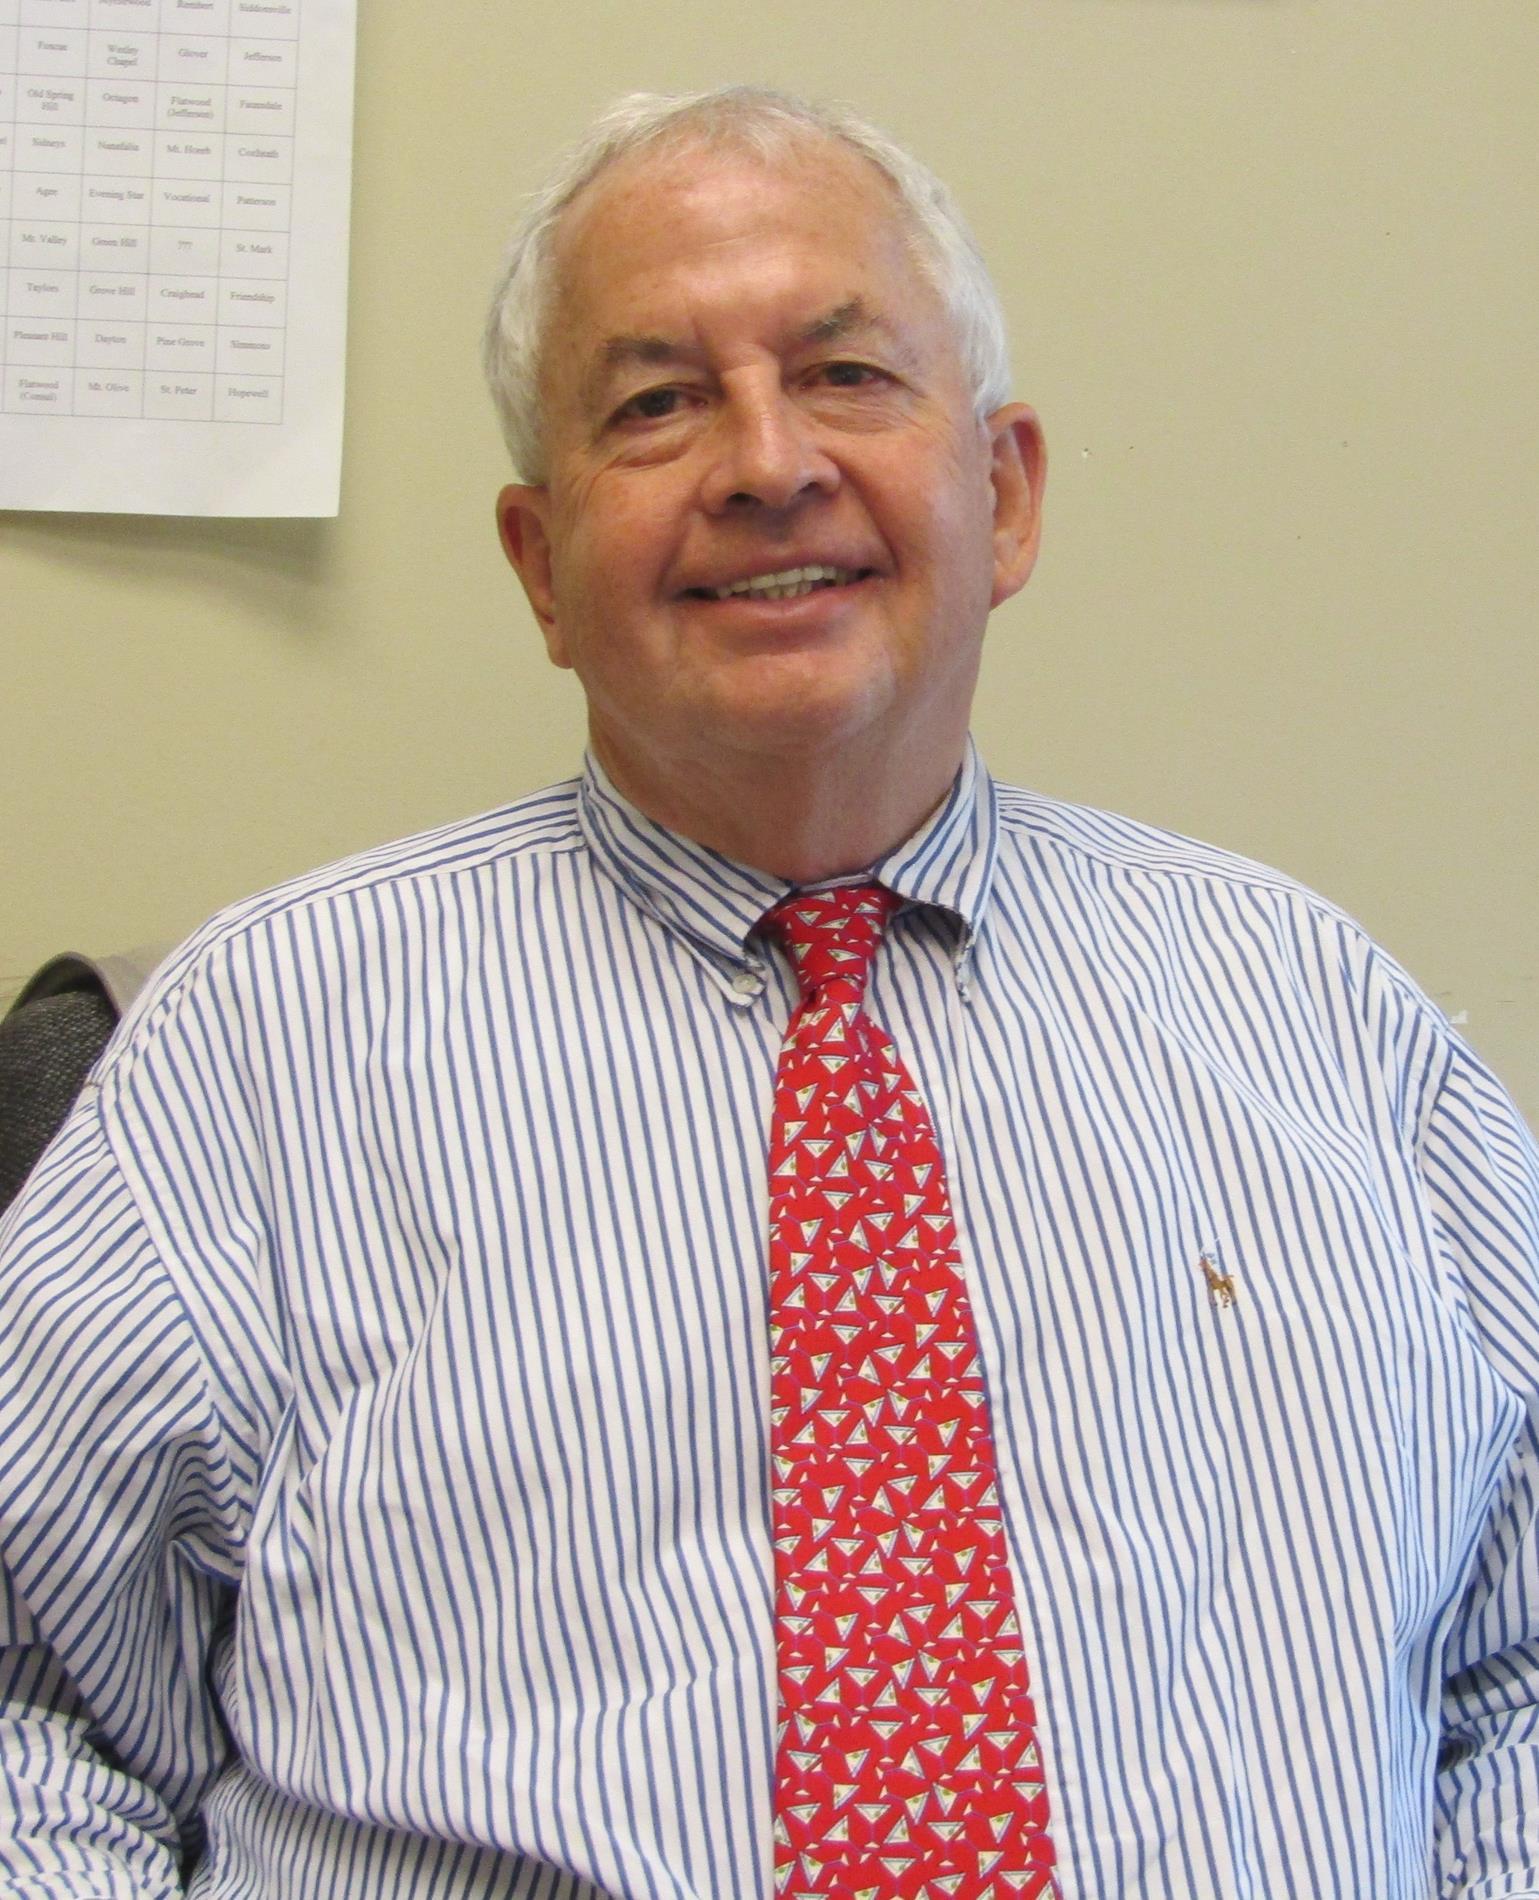 Mr. Luther P. Hallmark Superintendent